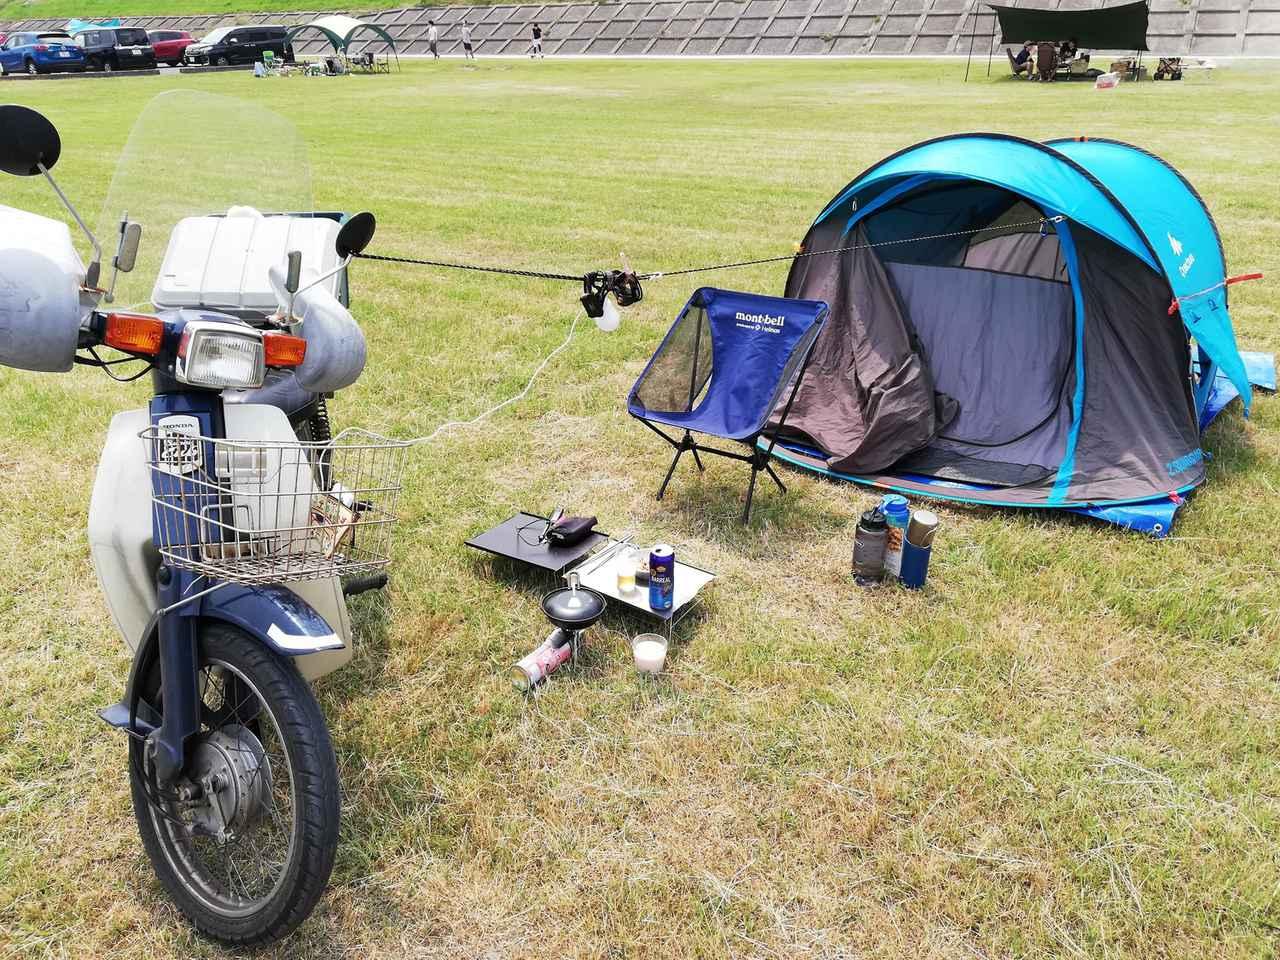 画像1: 【ソロキャンプ・テント】 モンベルやDODなど コンパクトな1人用・2人用おすすめテント7選